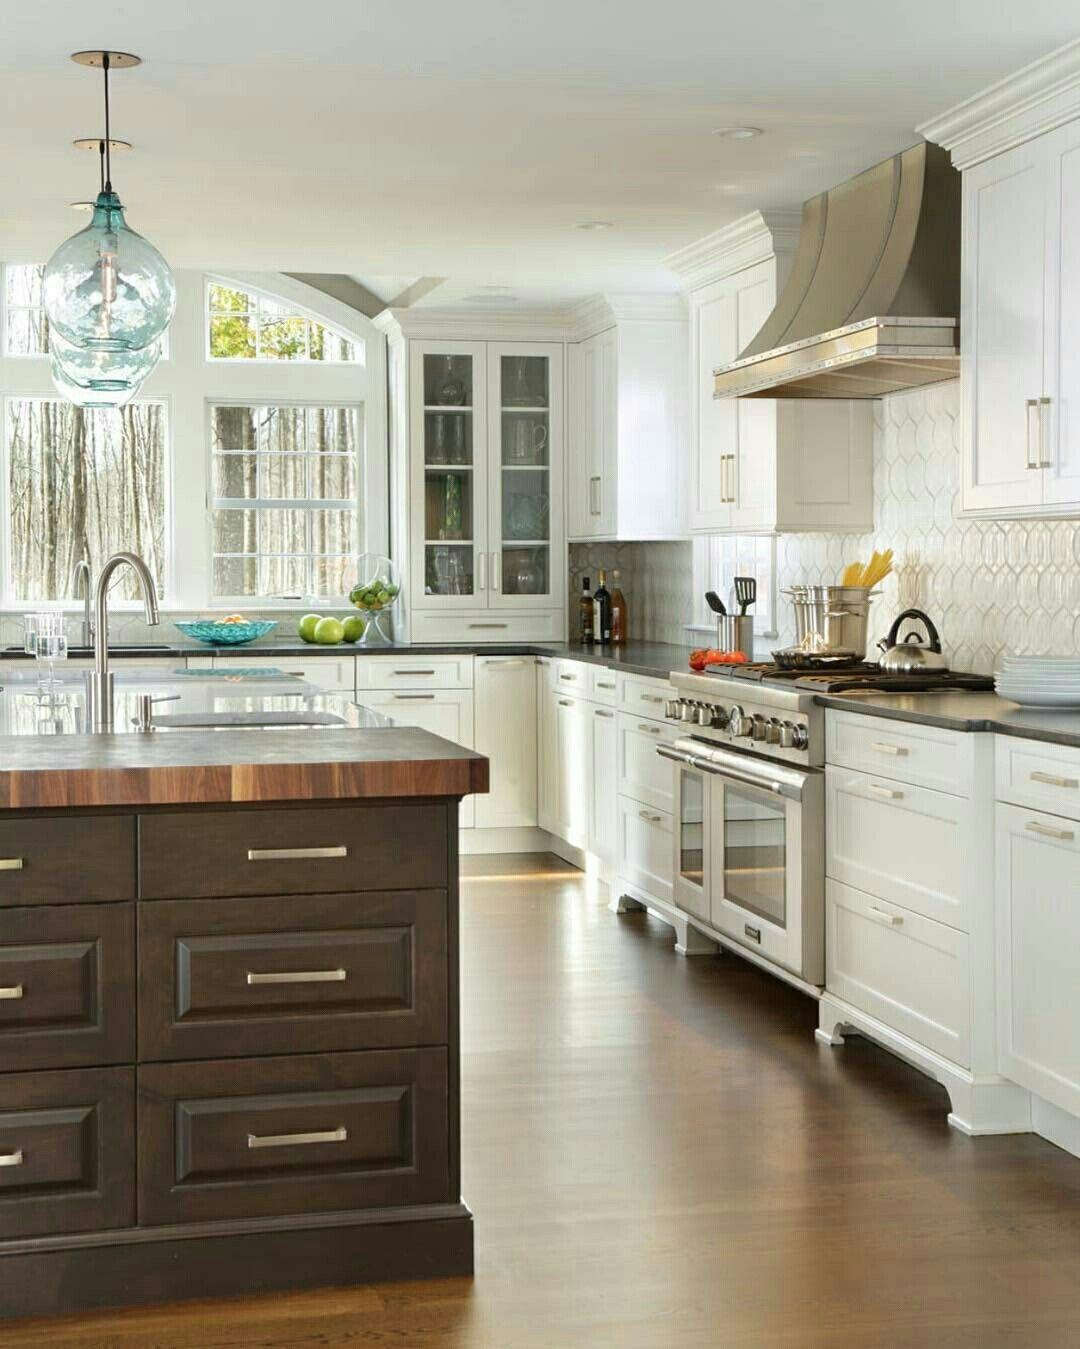 Pin by Ginny Burton on Interior design Kitchen interior